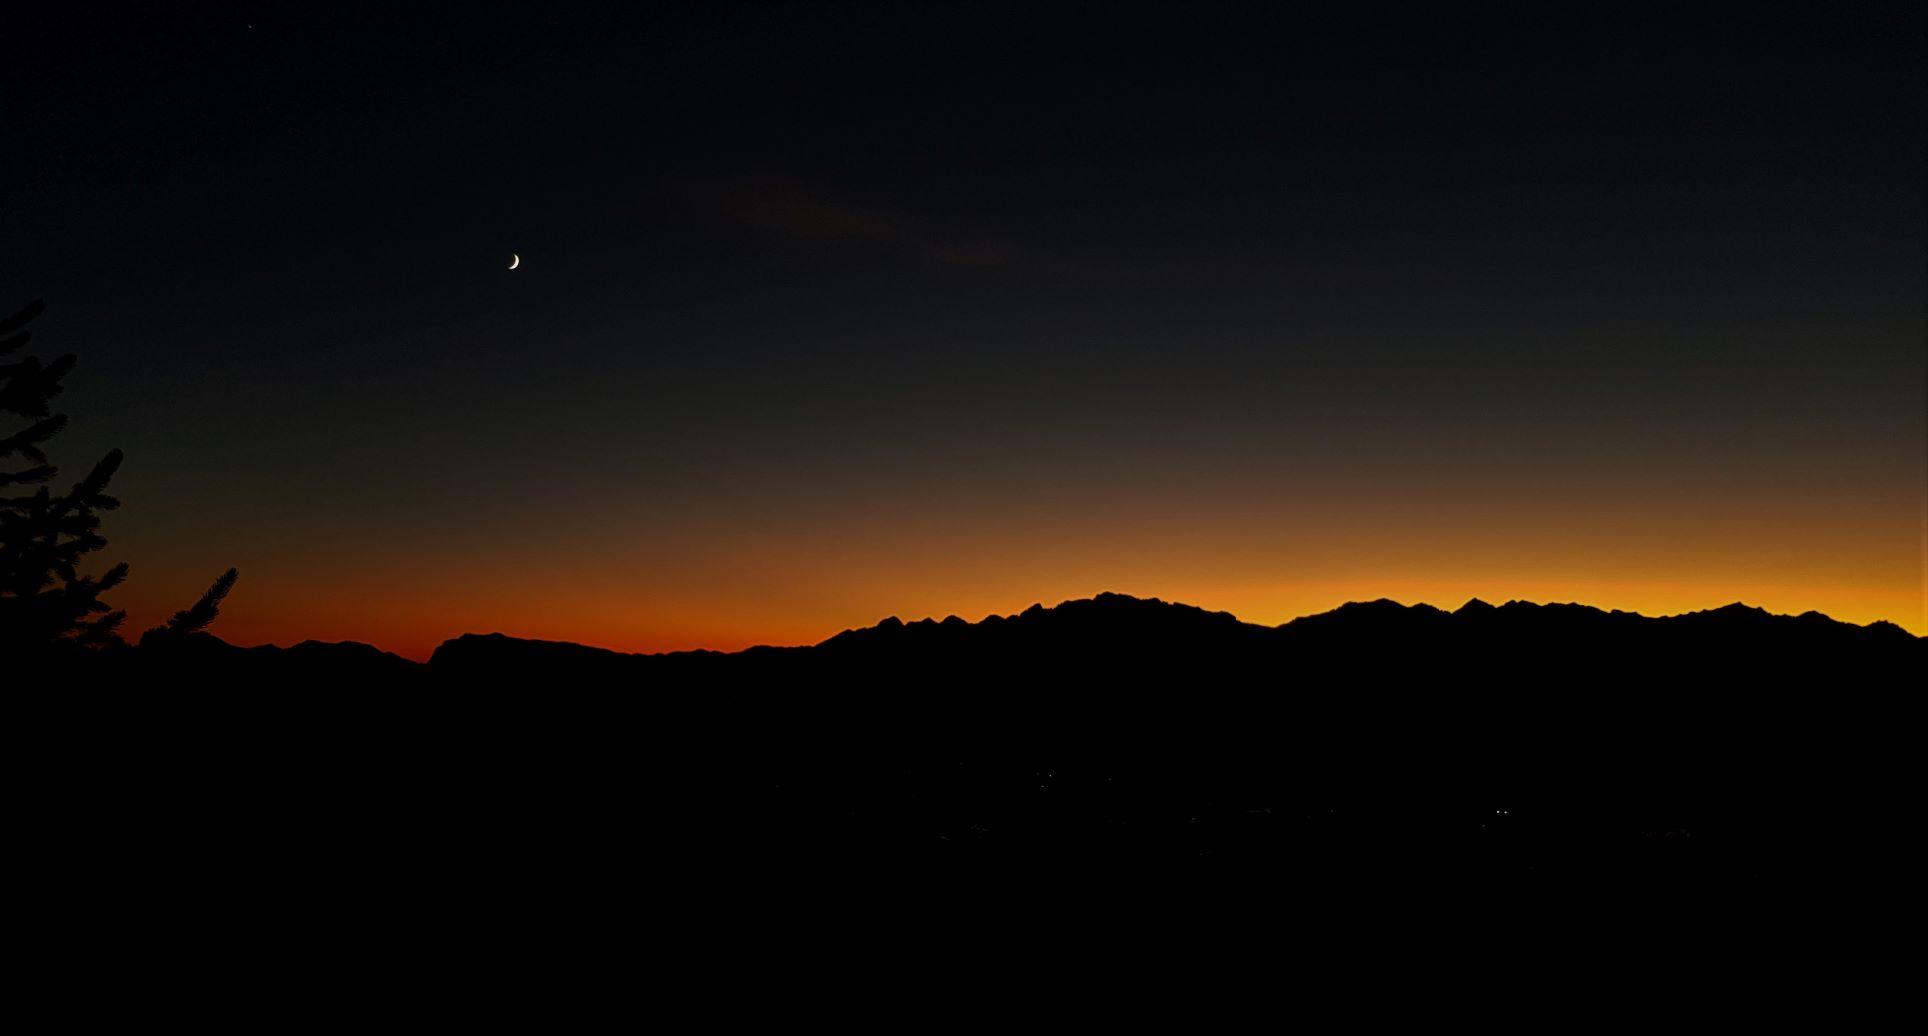 La luna saluta i cacciatori, è notte e la montagna adesso è solo dei suoi animali.